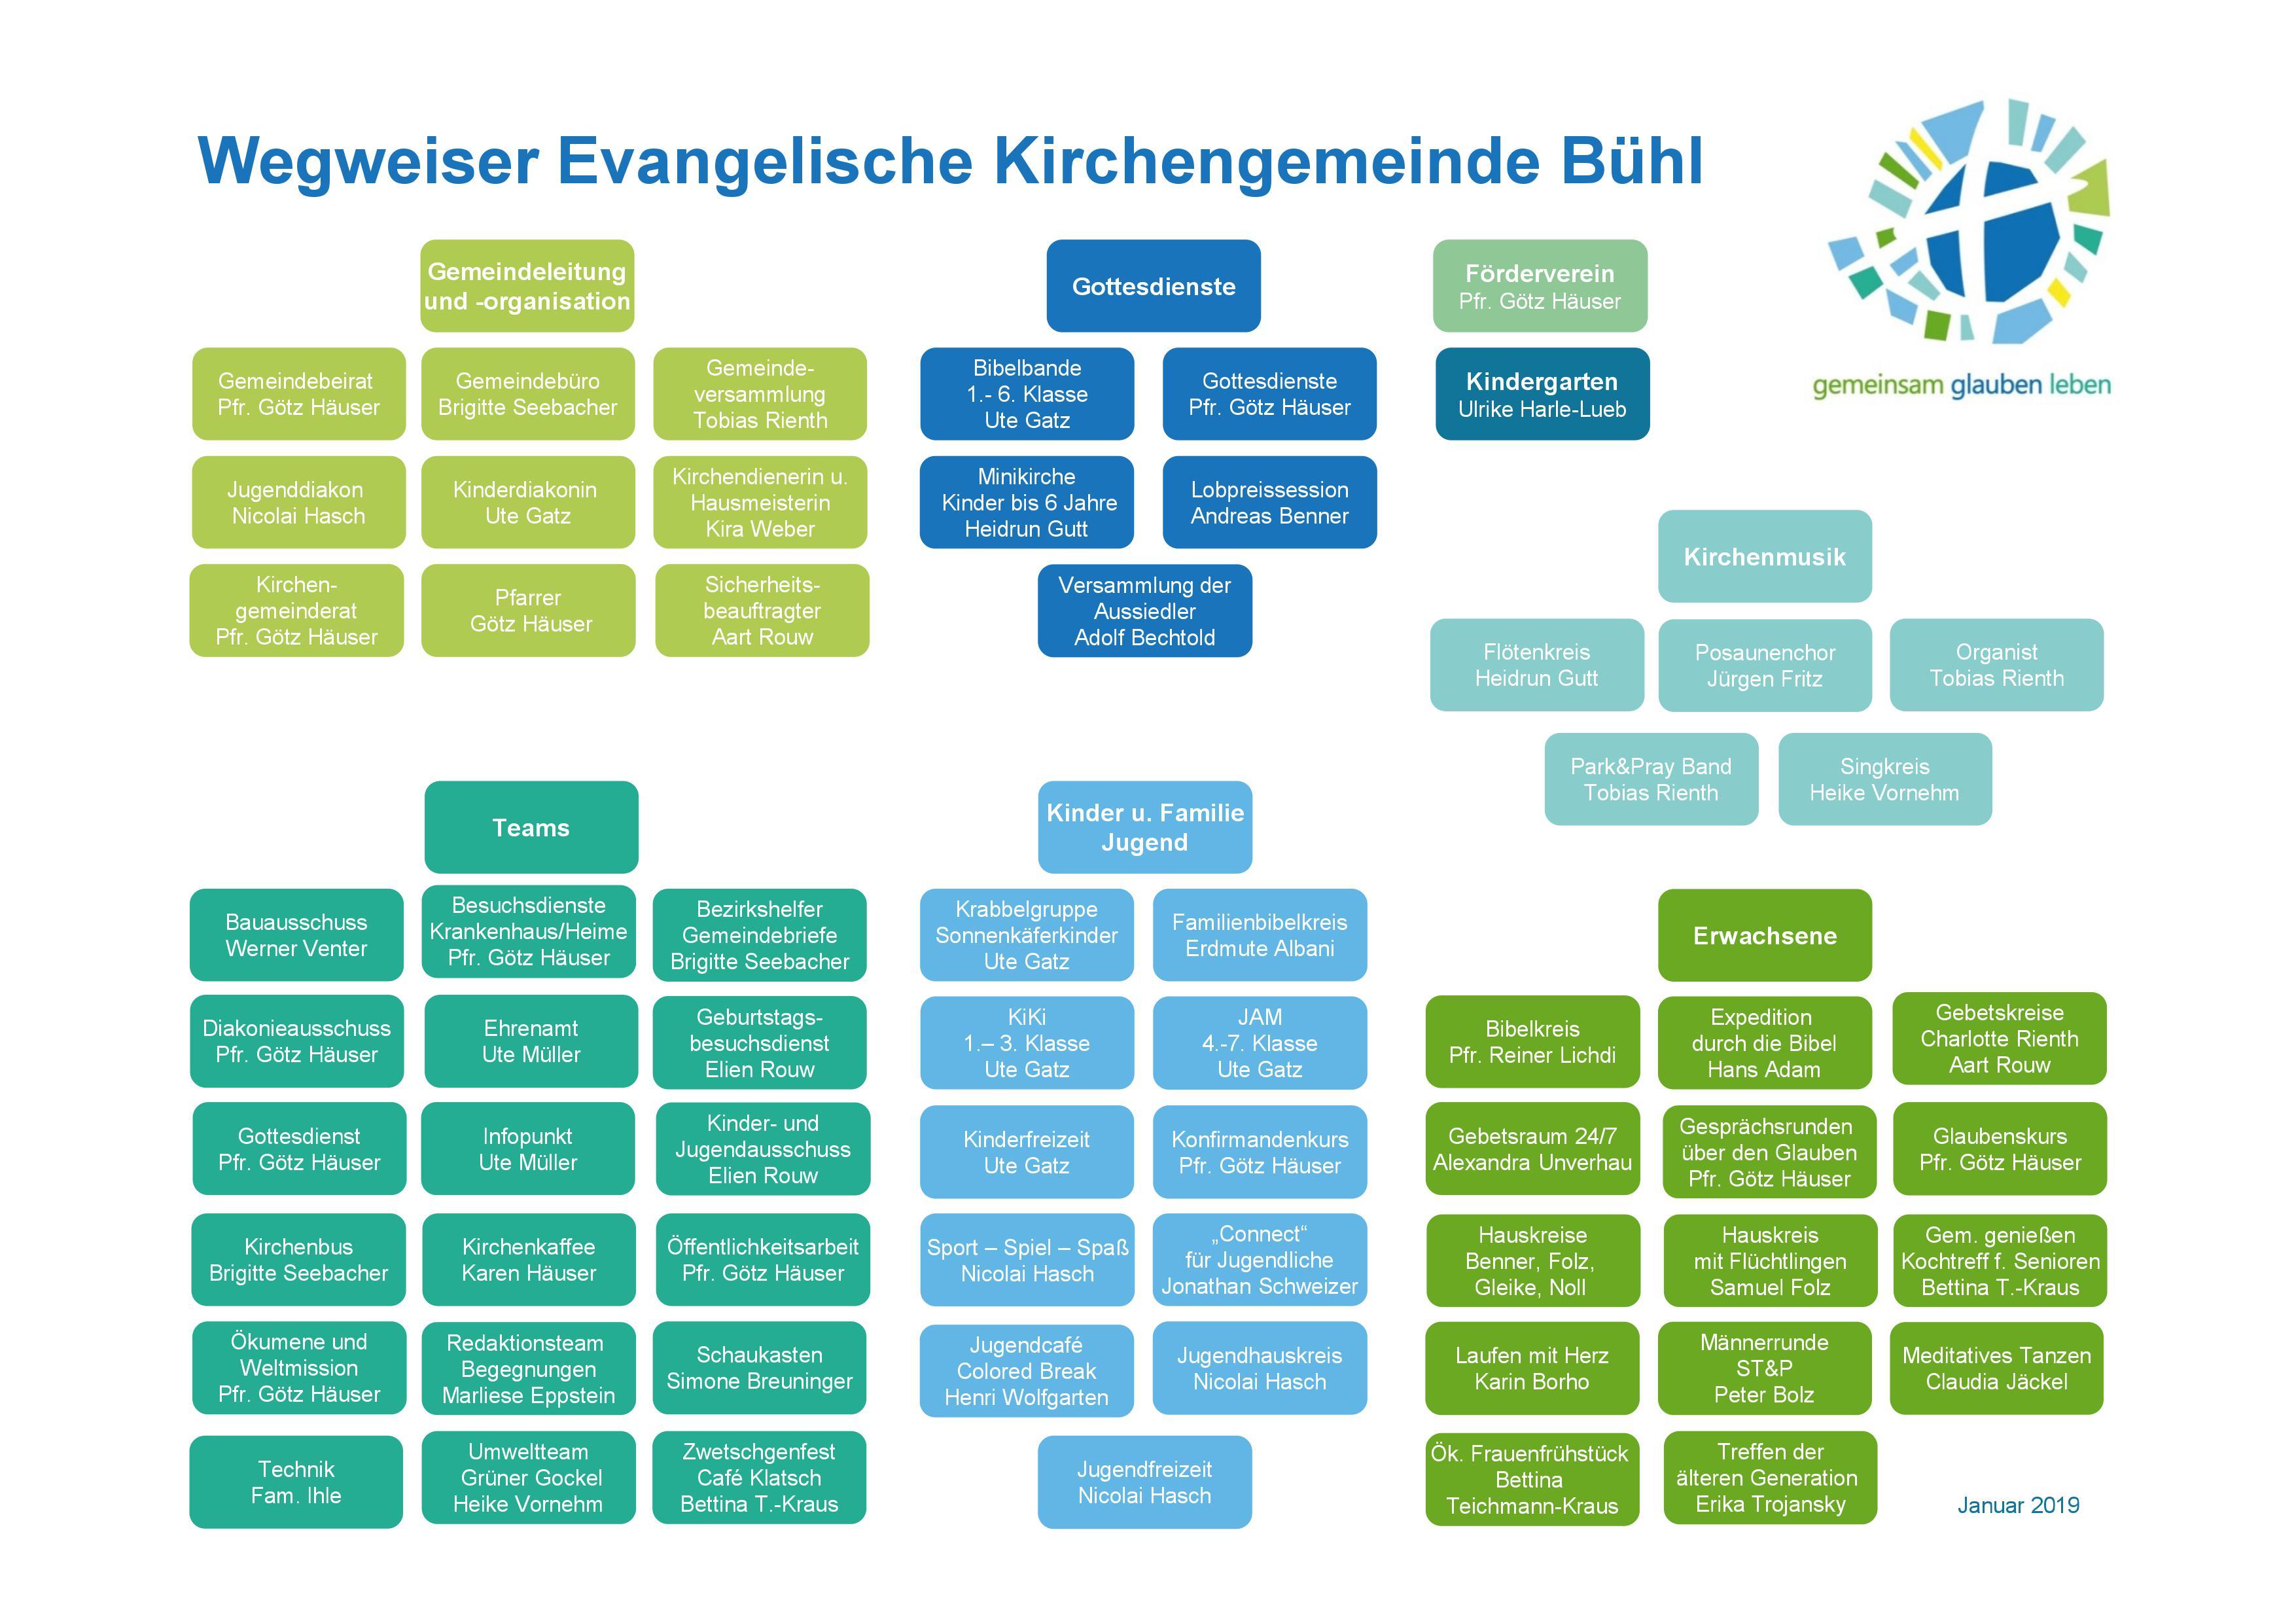 Wegweiser Evangelische Kirchengemeinde Bühl